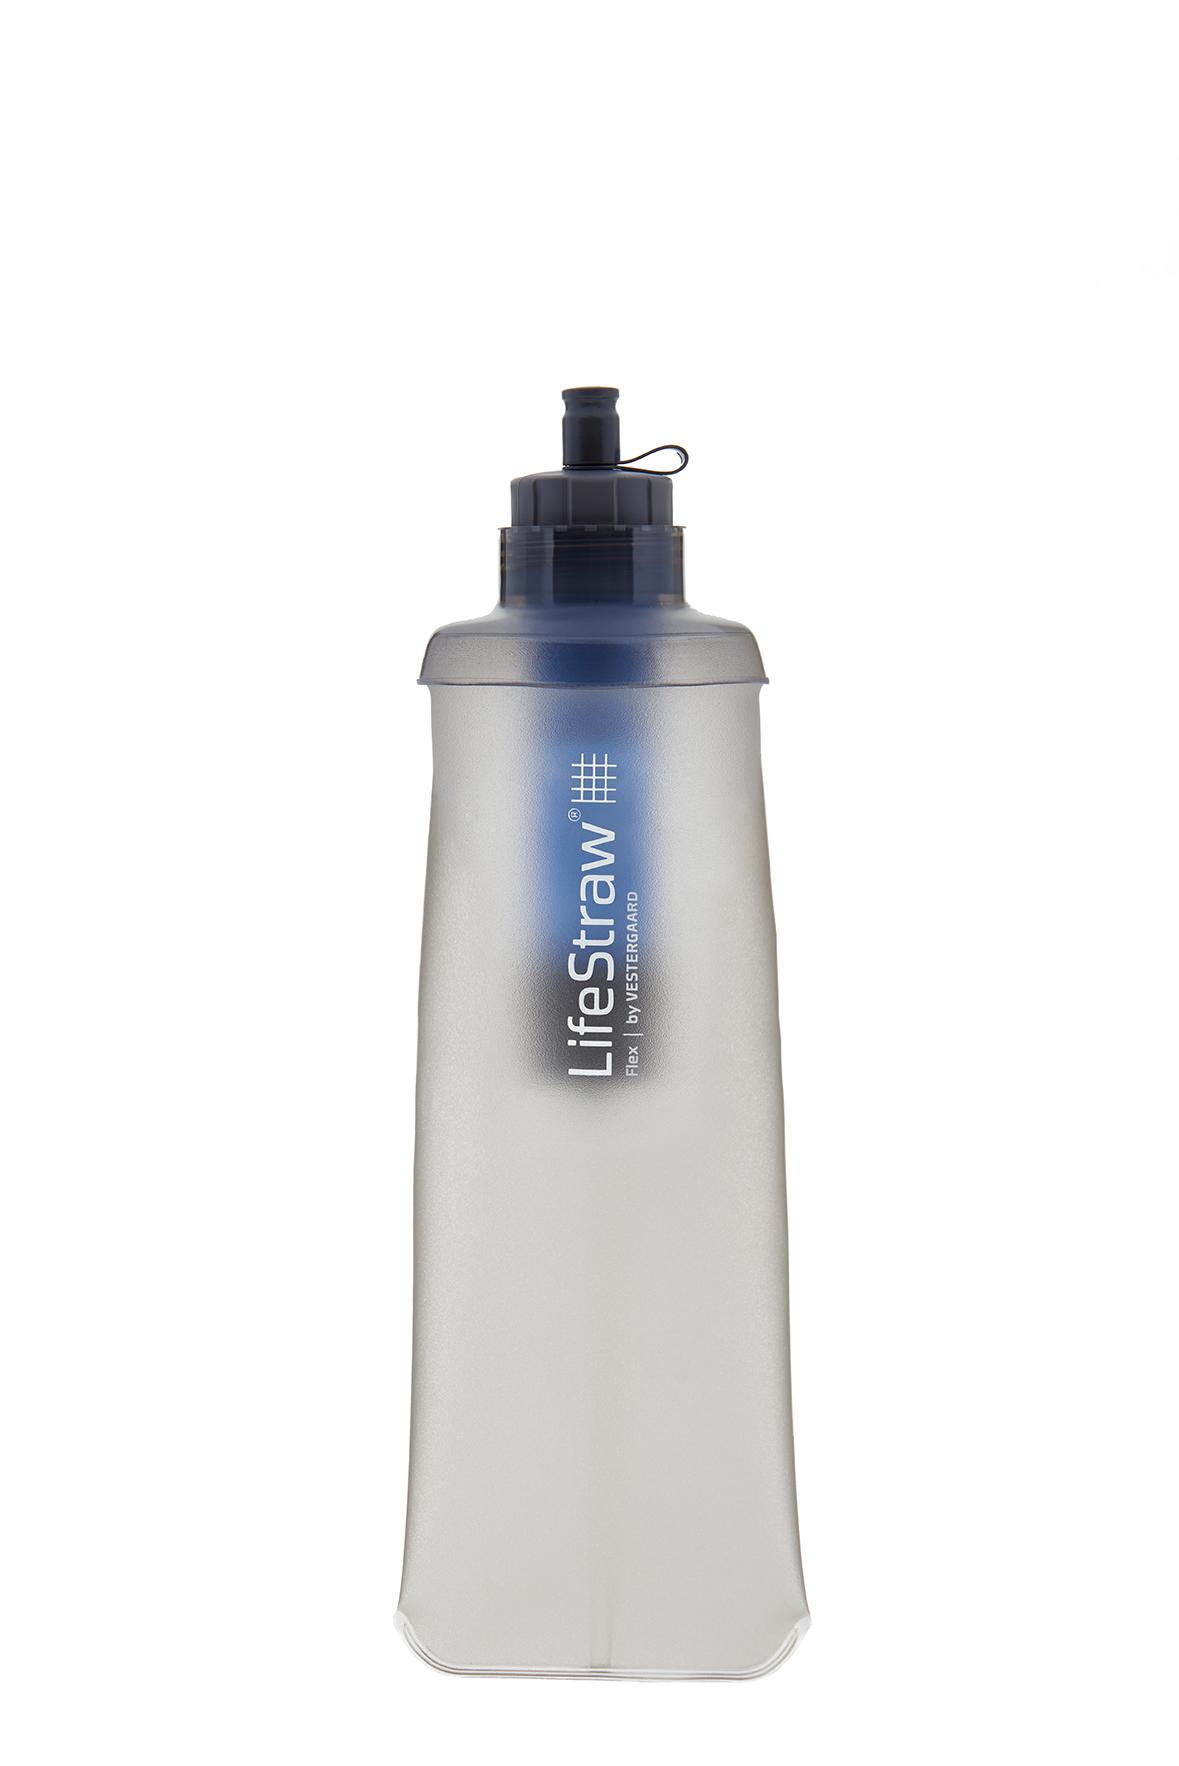 LifeStraw Wasserfilter Frühjahr/Sommer 2020